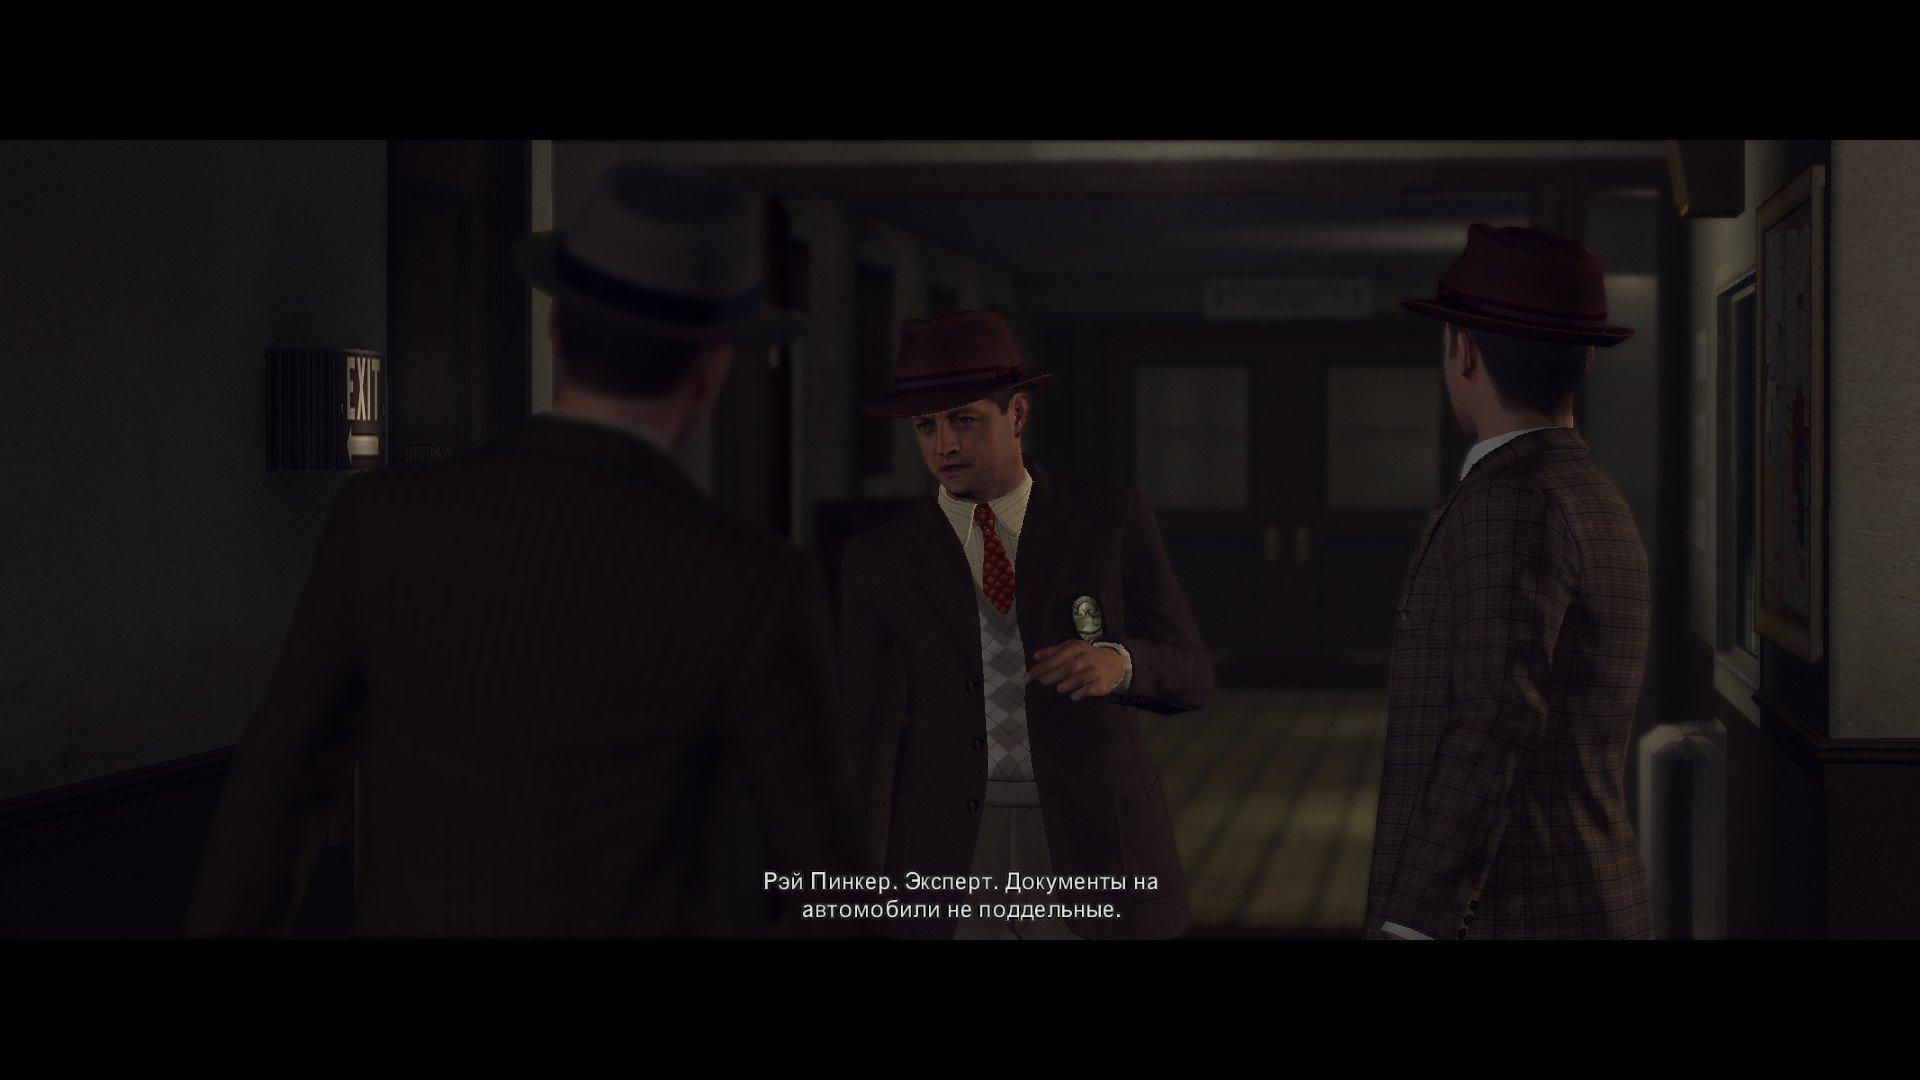 Пост-прохождение L.A. Noire Часть 7 - Изображение 25